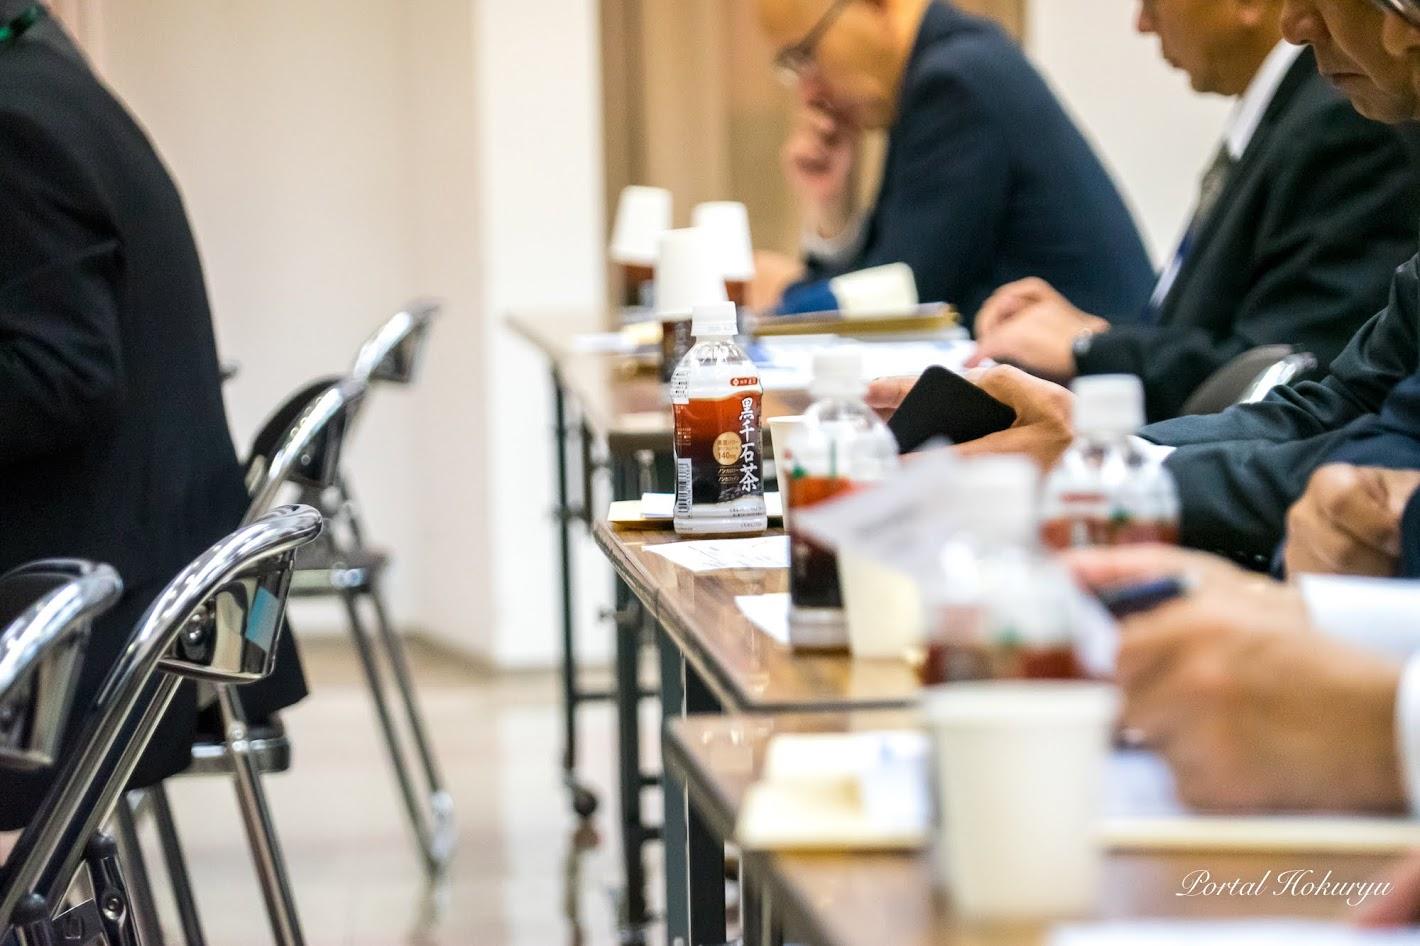 配布された黒千石茶ペットボトル